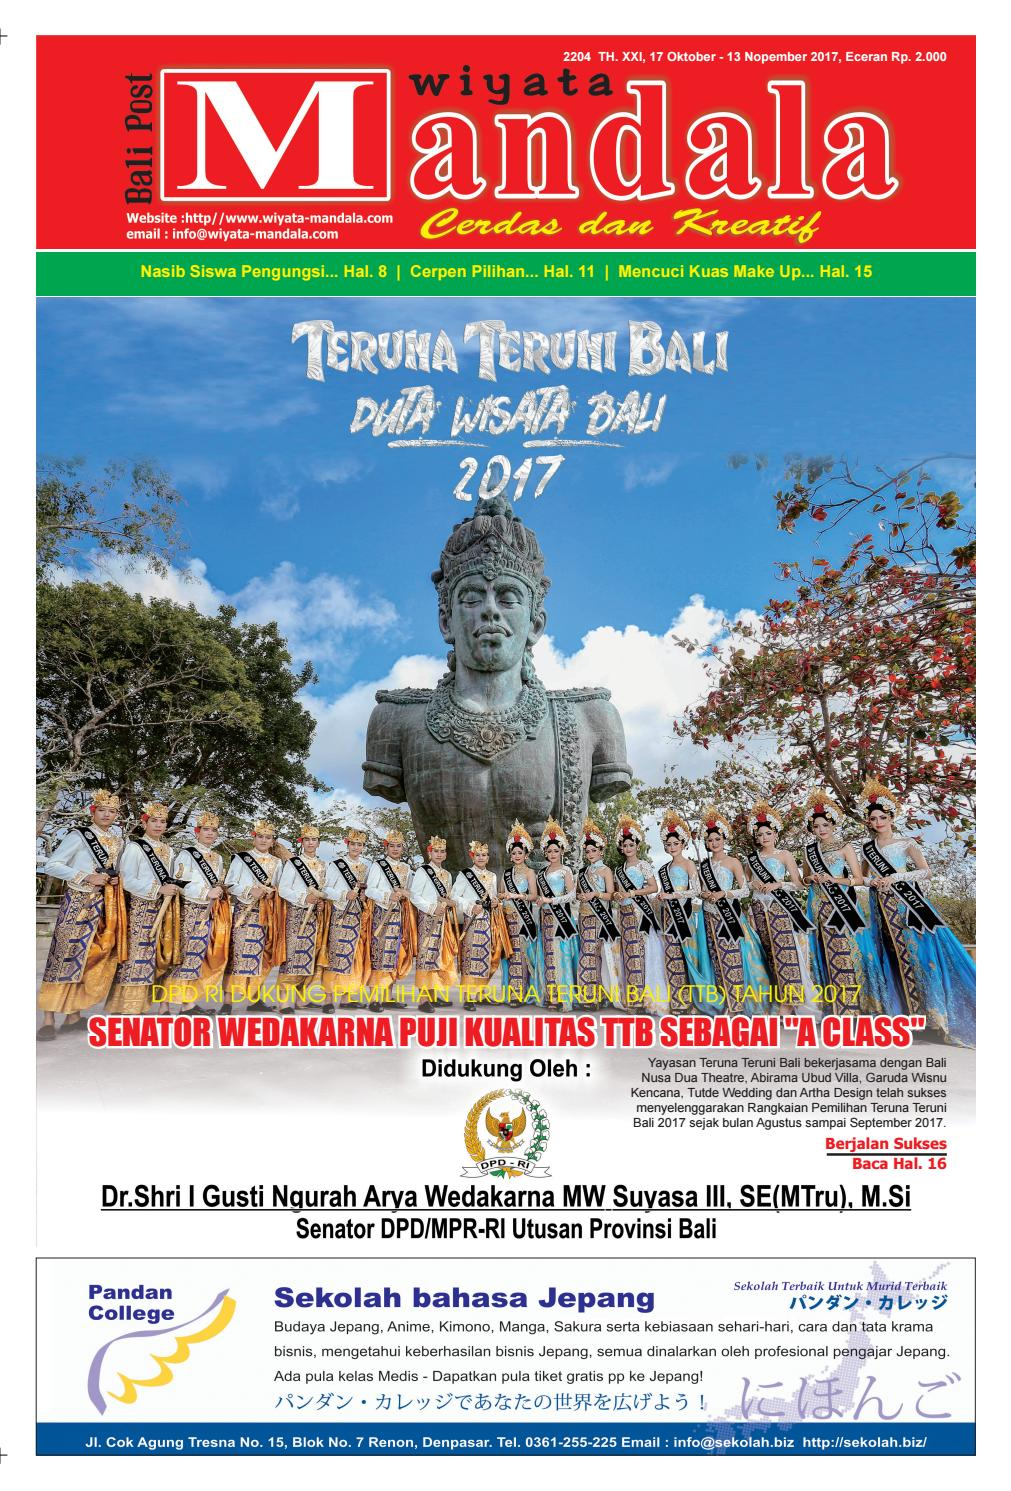 Wiyata mandala edisi 17 oktober 2017 wiyata mandala by e paper kmb issuu